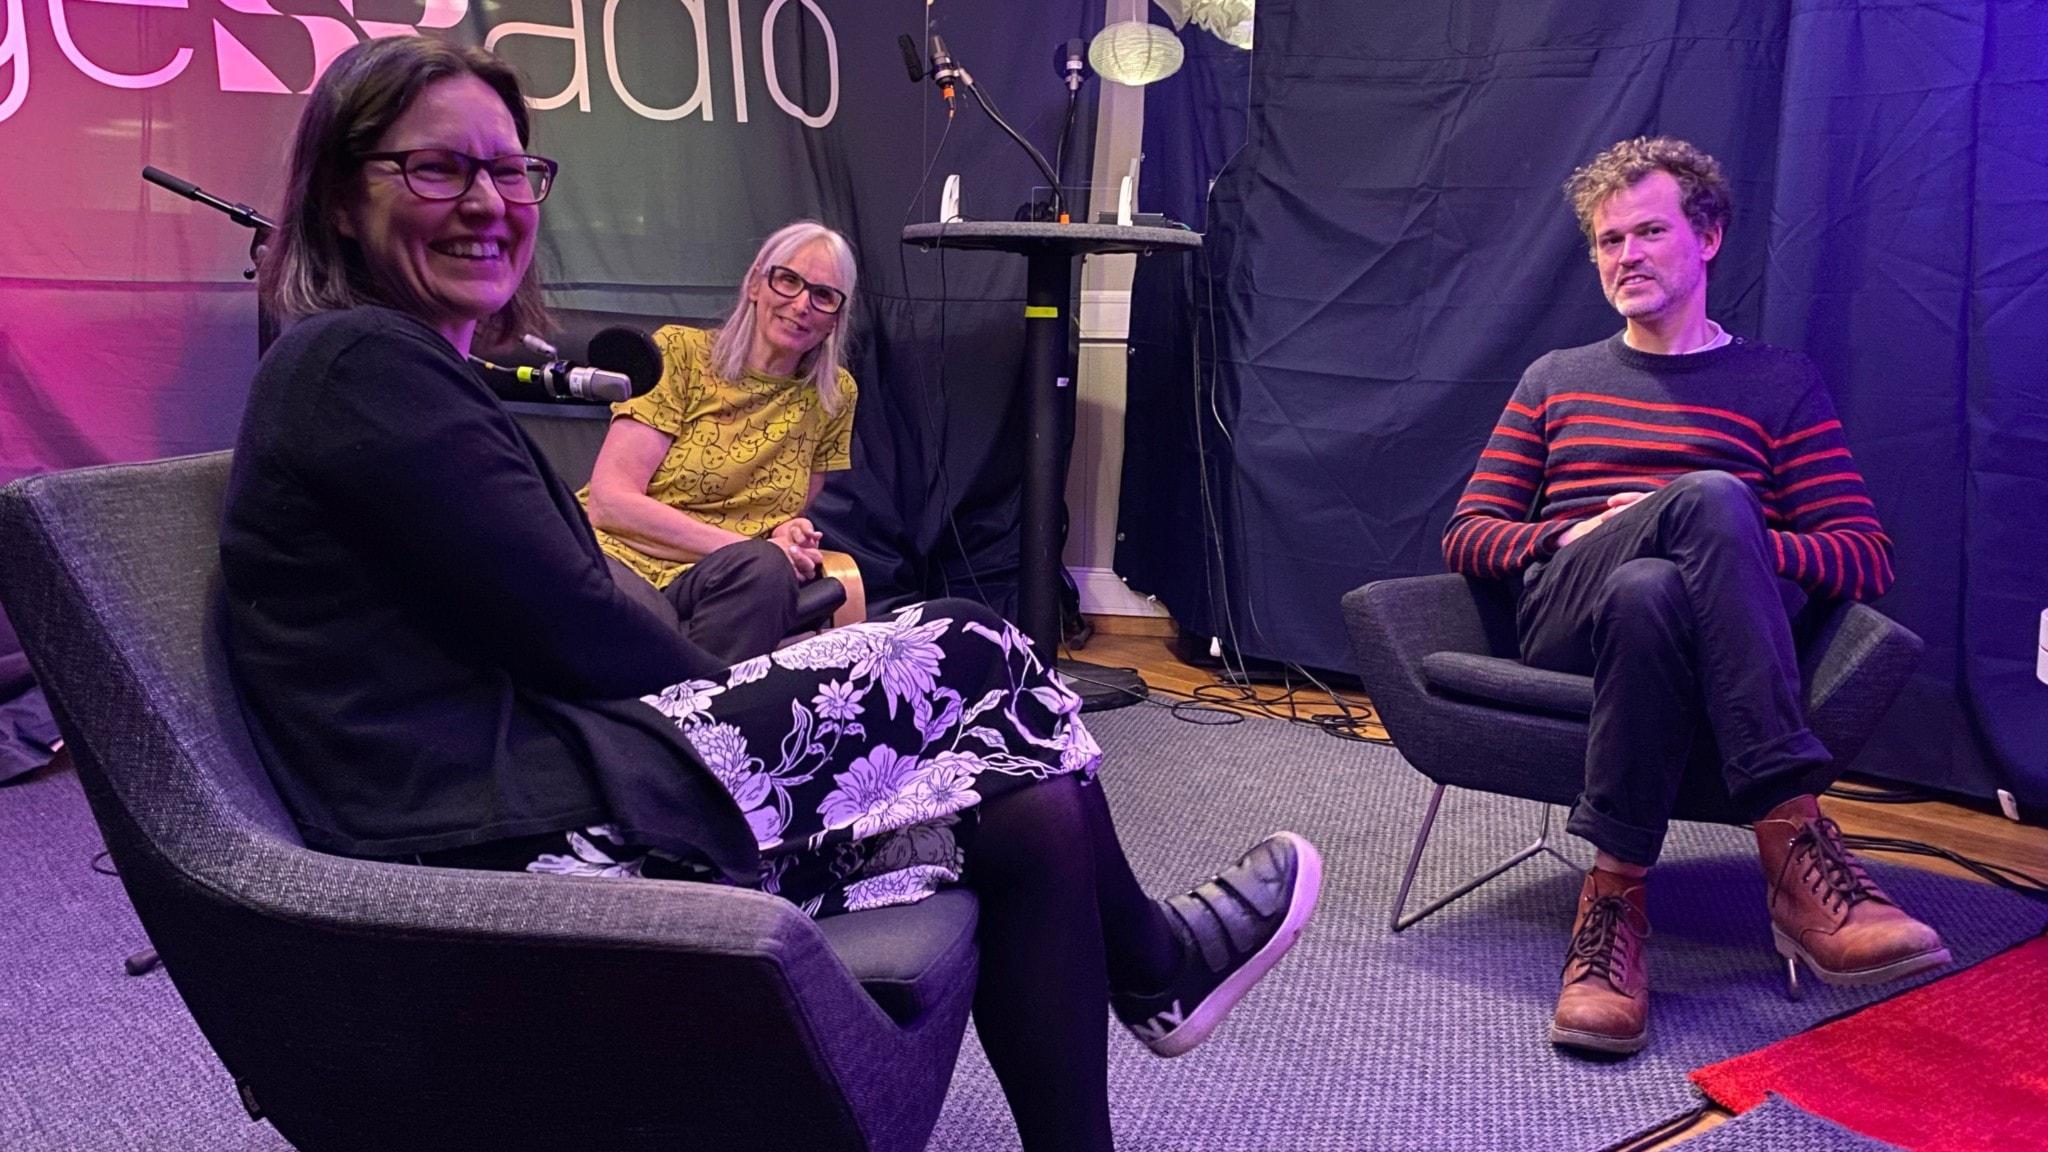 Deltagarna i bokcirkeln Mia Johansson-Soller, Vetenskapsradions Annika Östman och Petter Hellström.